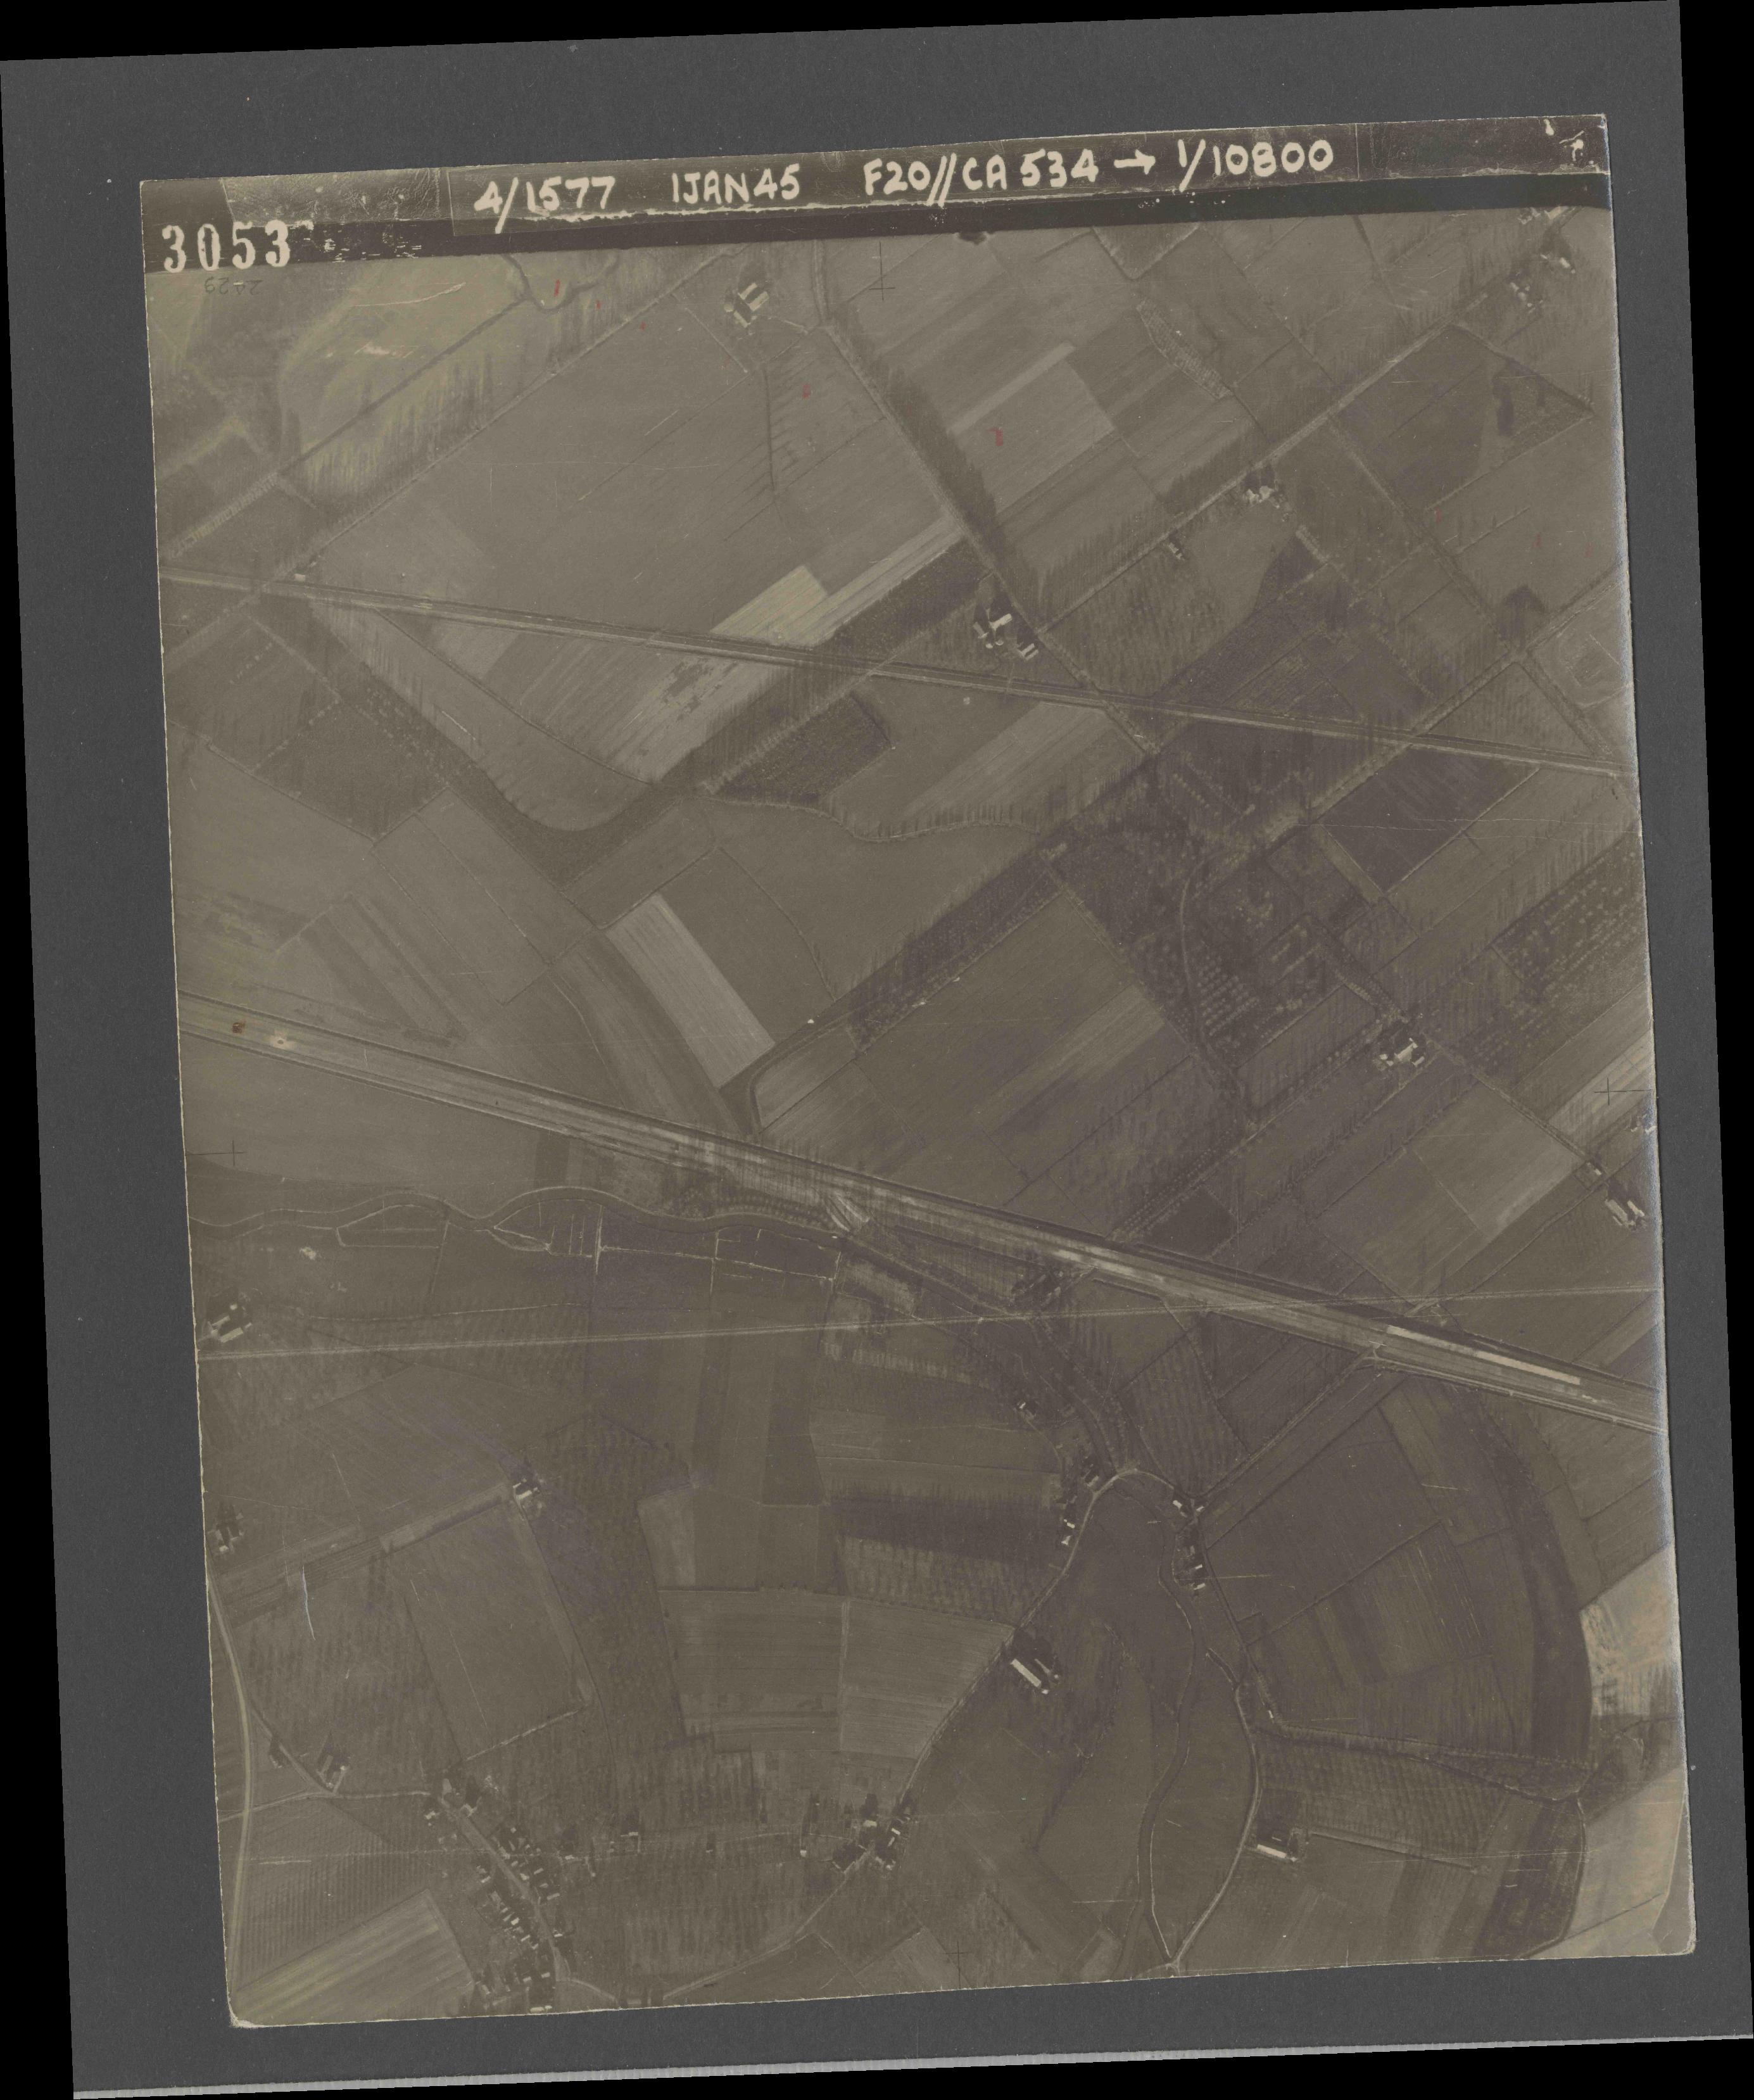 Collection RAF aerial photos 1940-1945 - flight 105, run 03, photo 3053